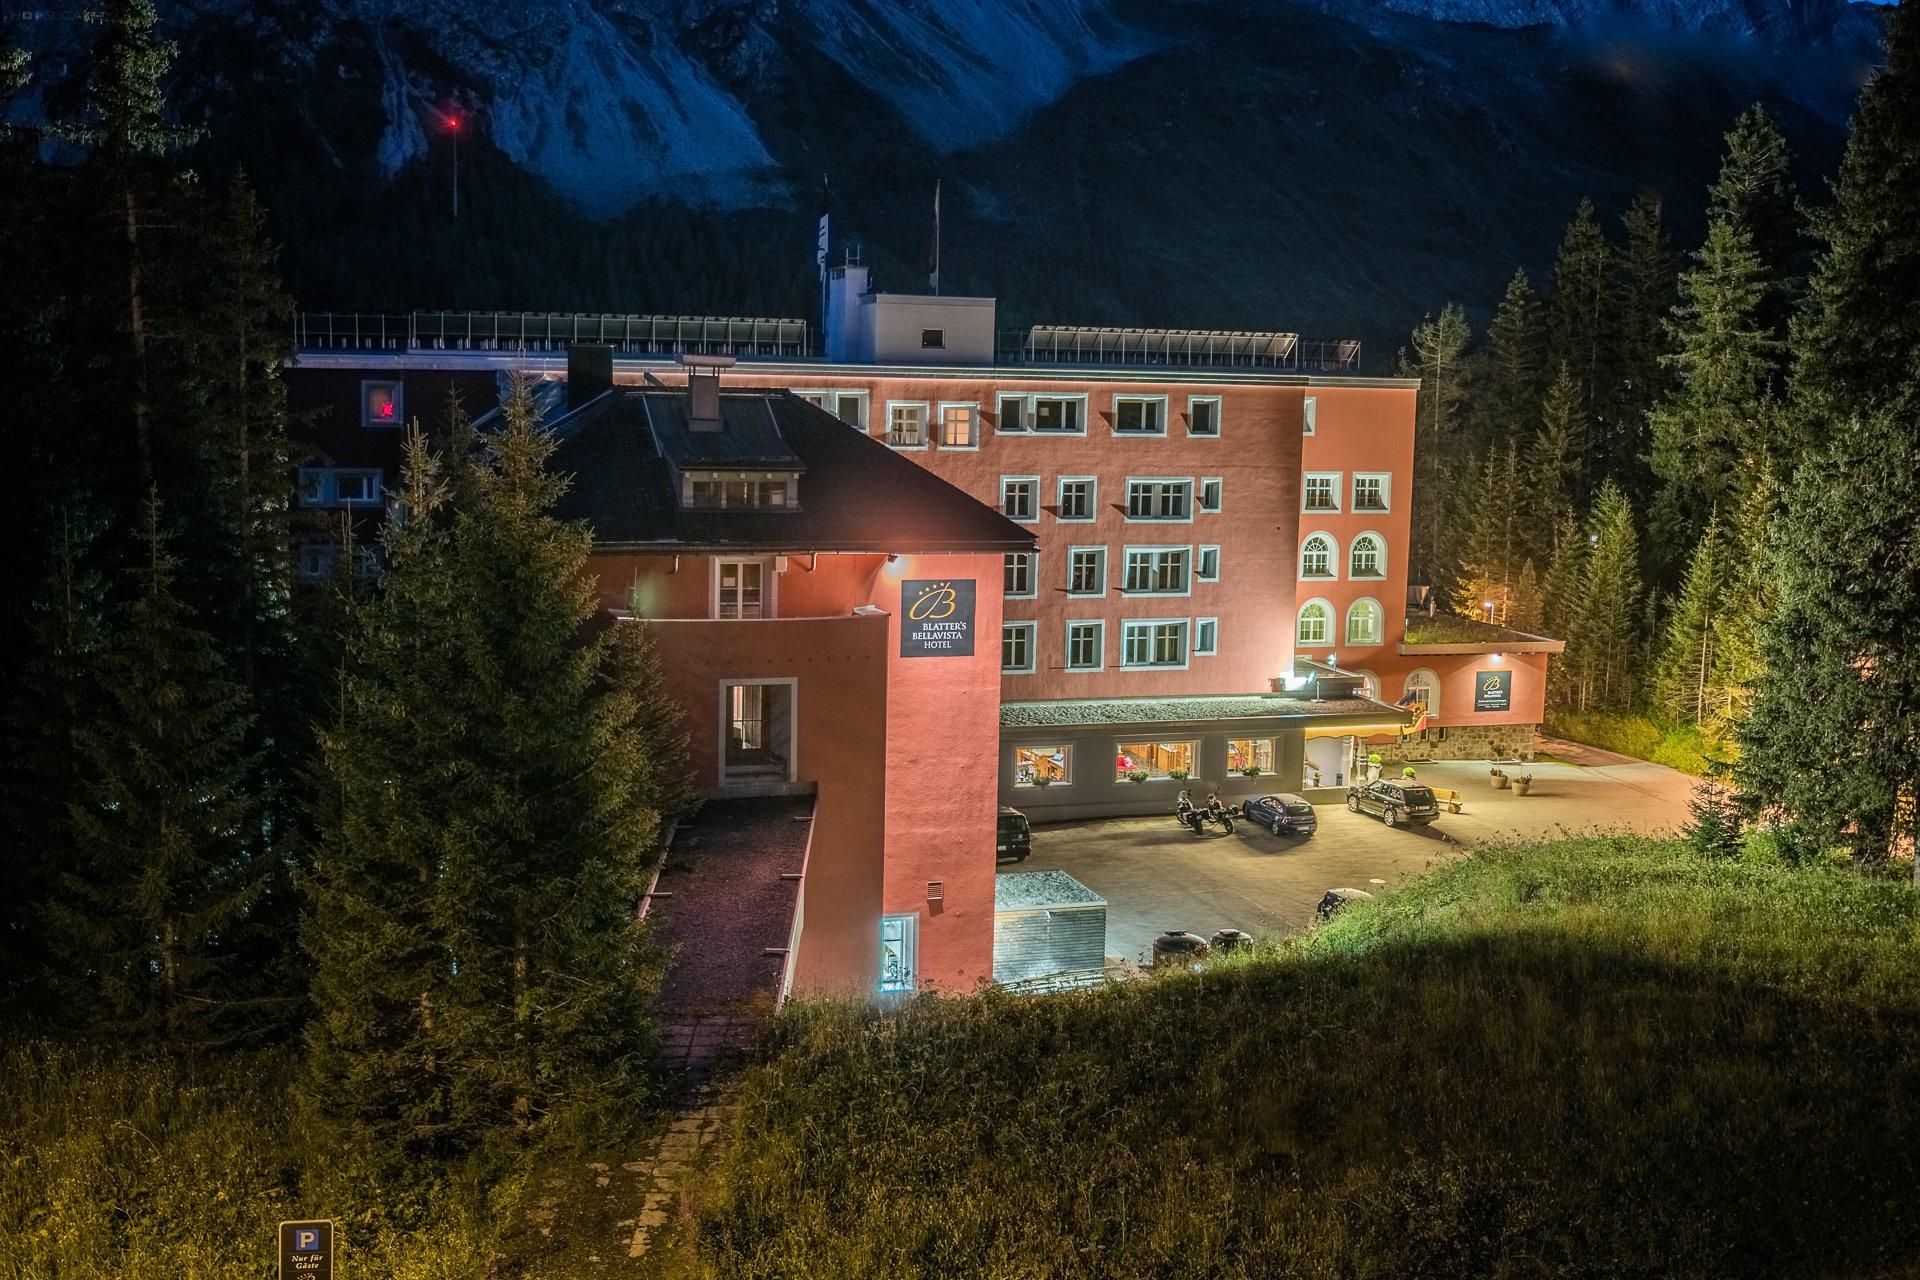 Blatter's Hotel 6